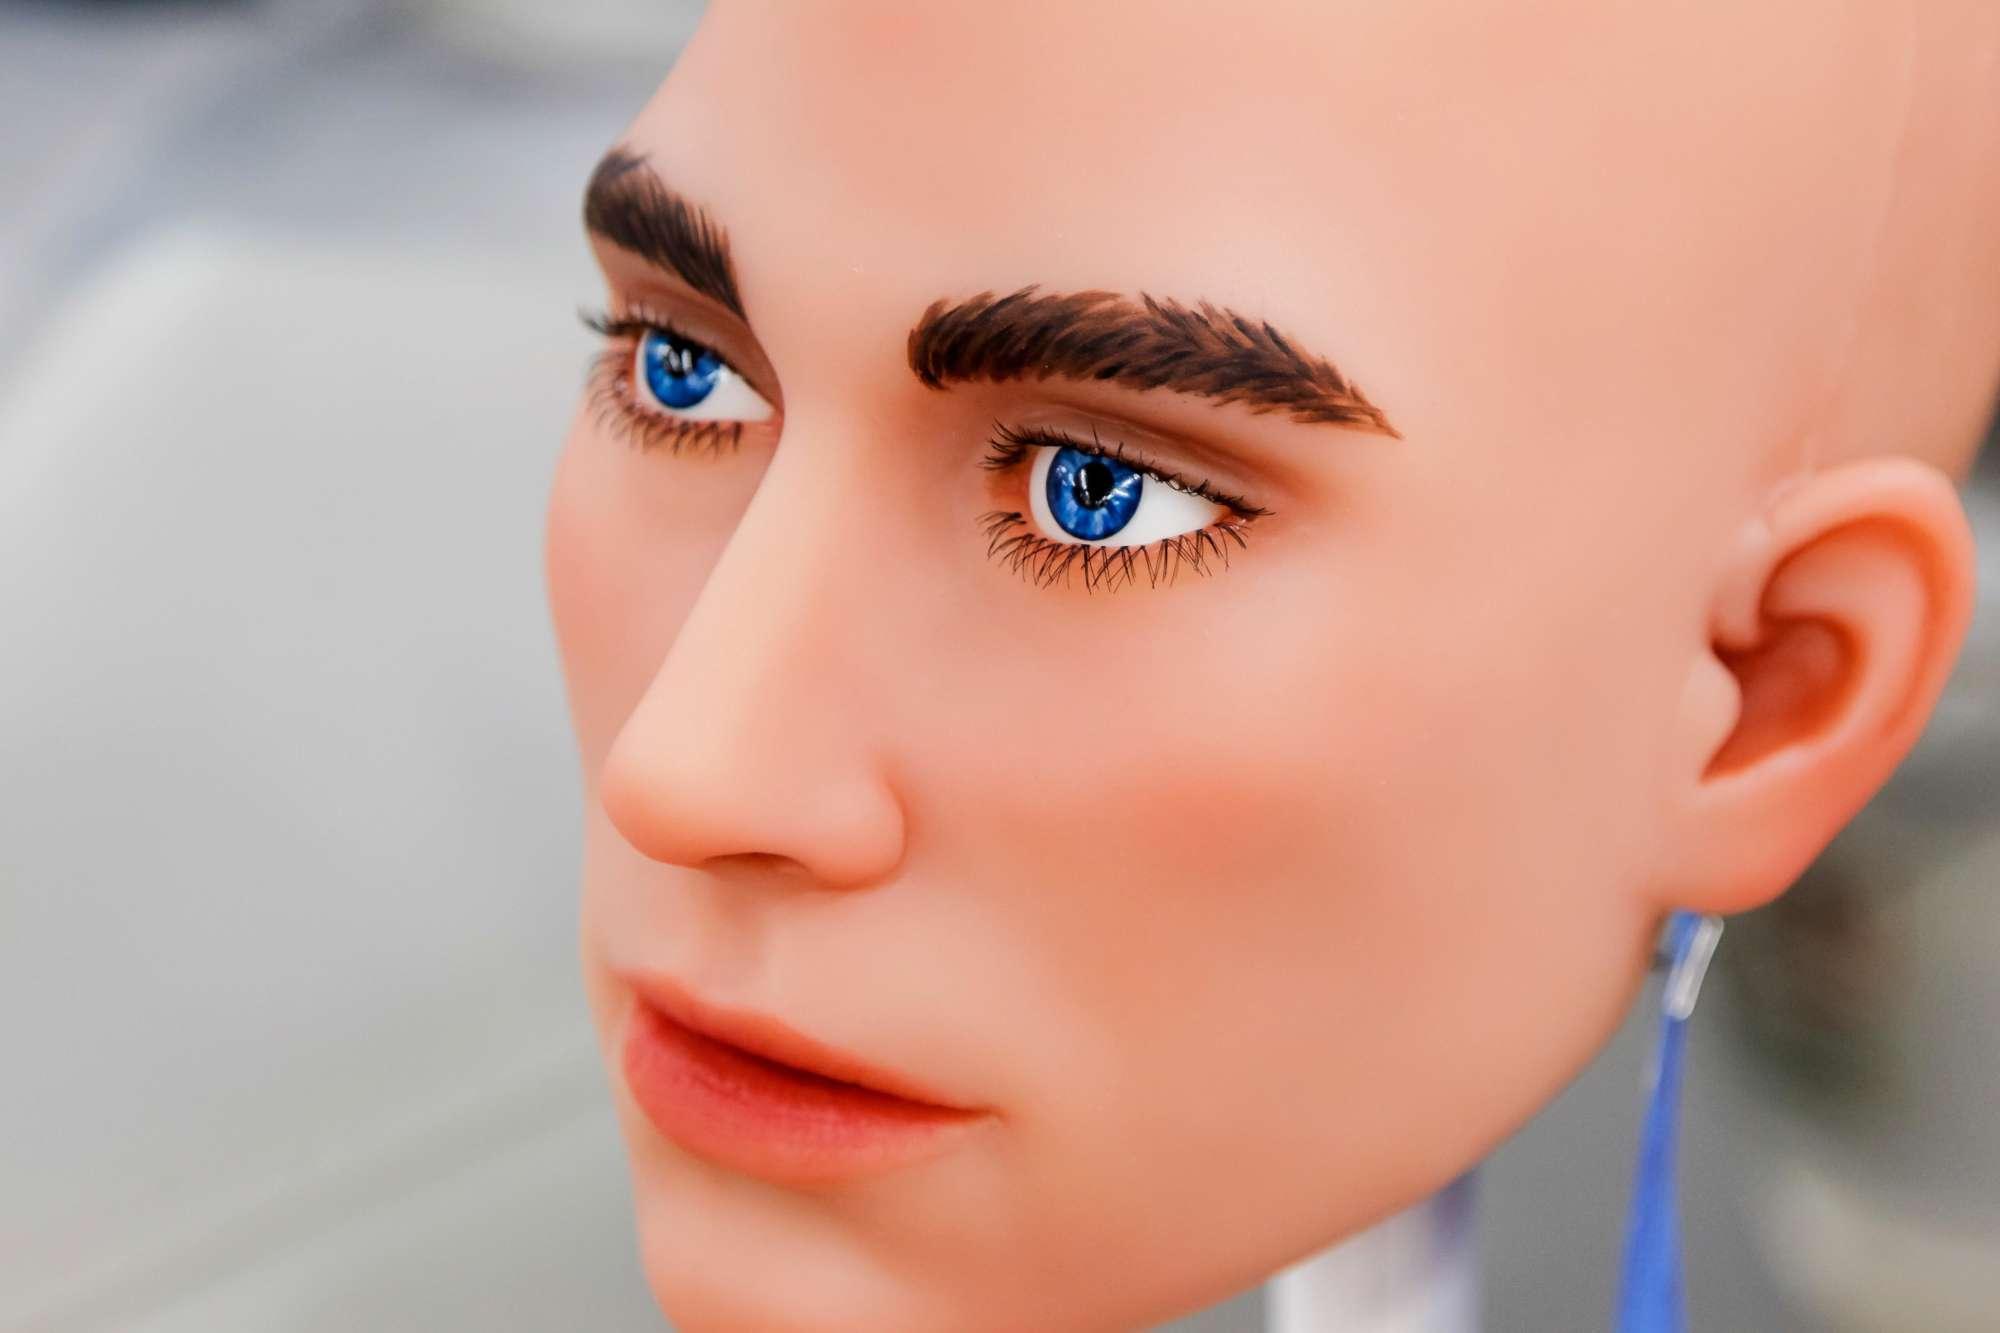 a64e651421 Arrivano i robot sessuali sempre più realistici - Foto Tgcom24